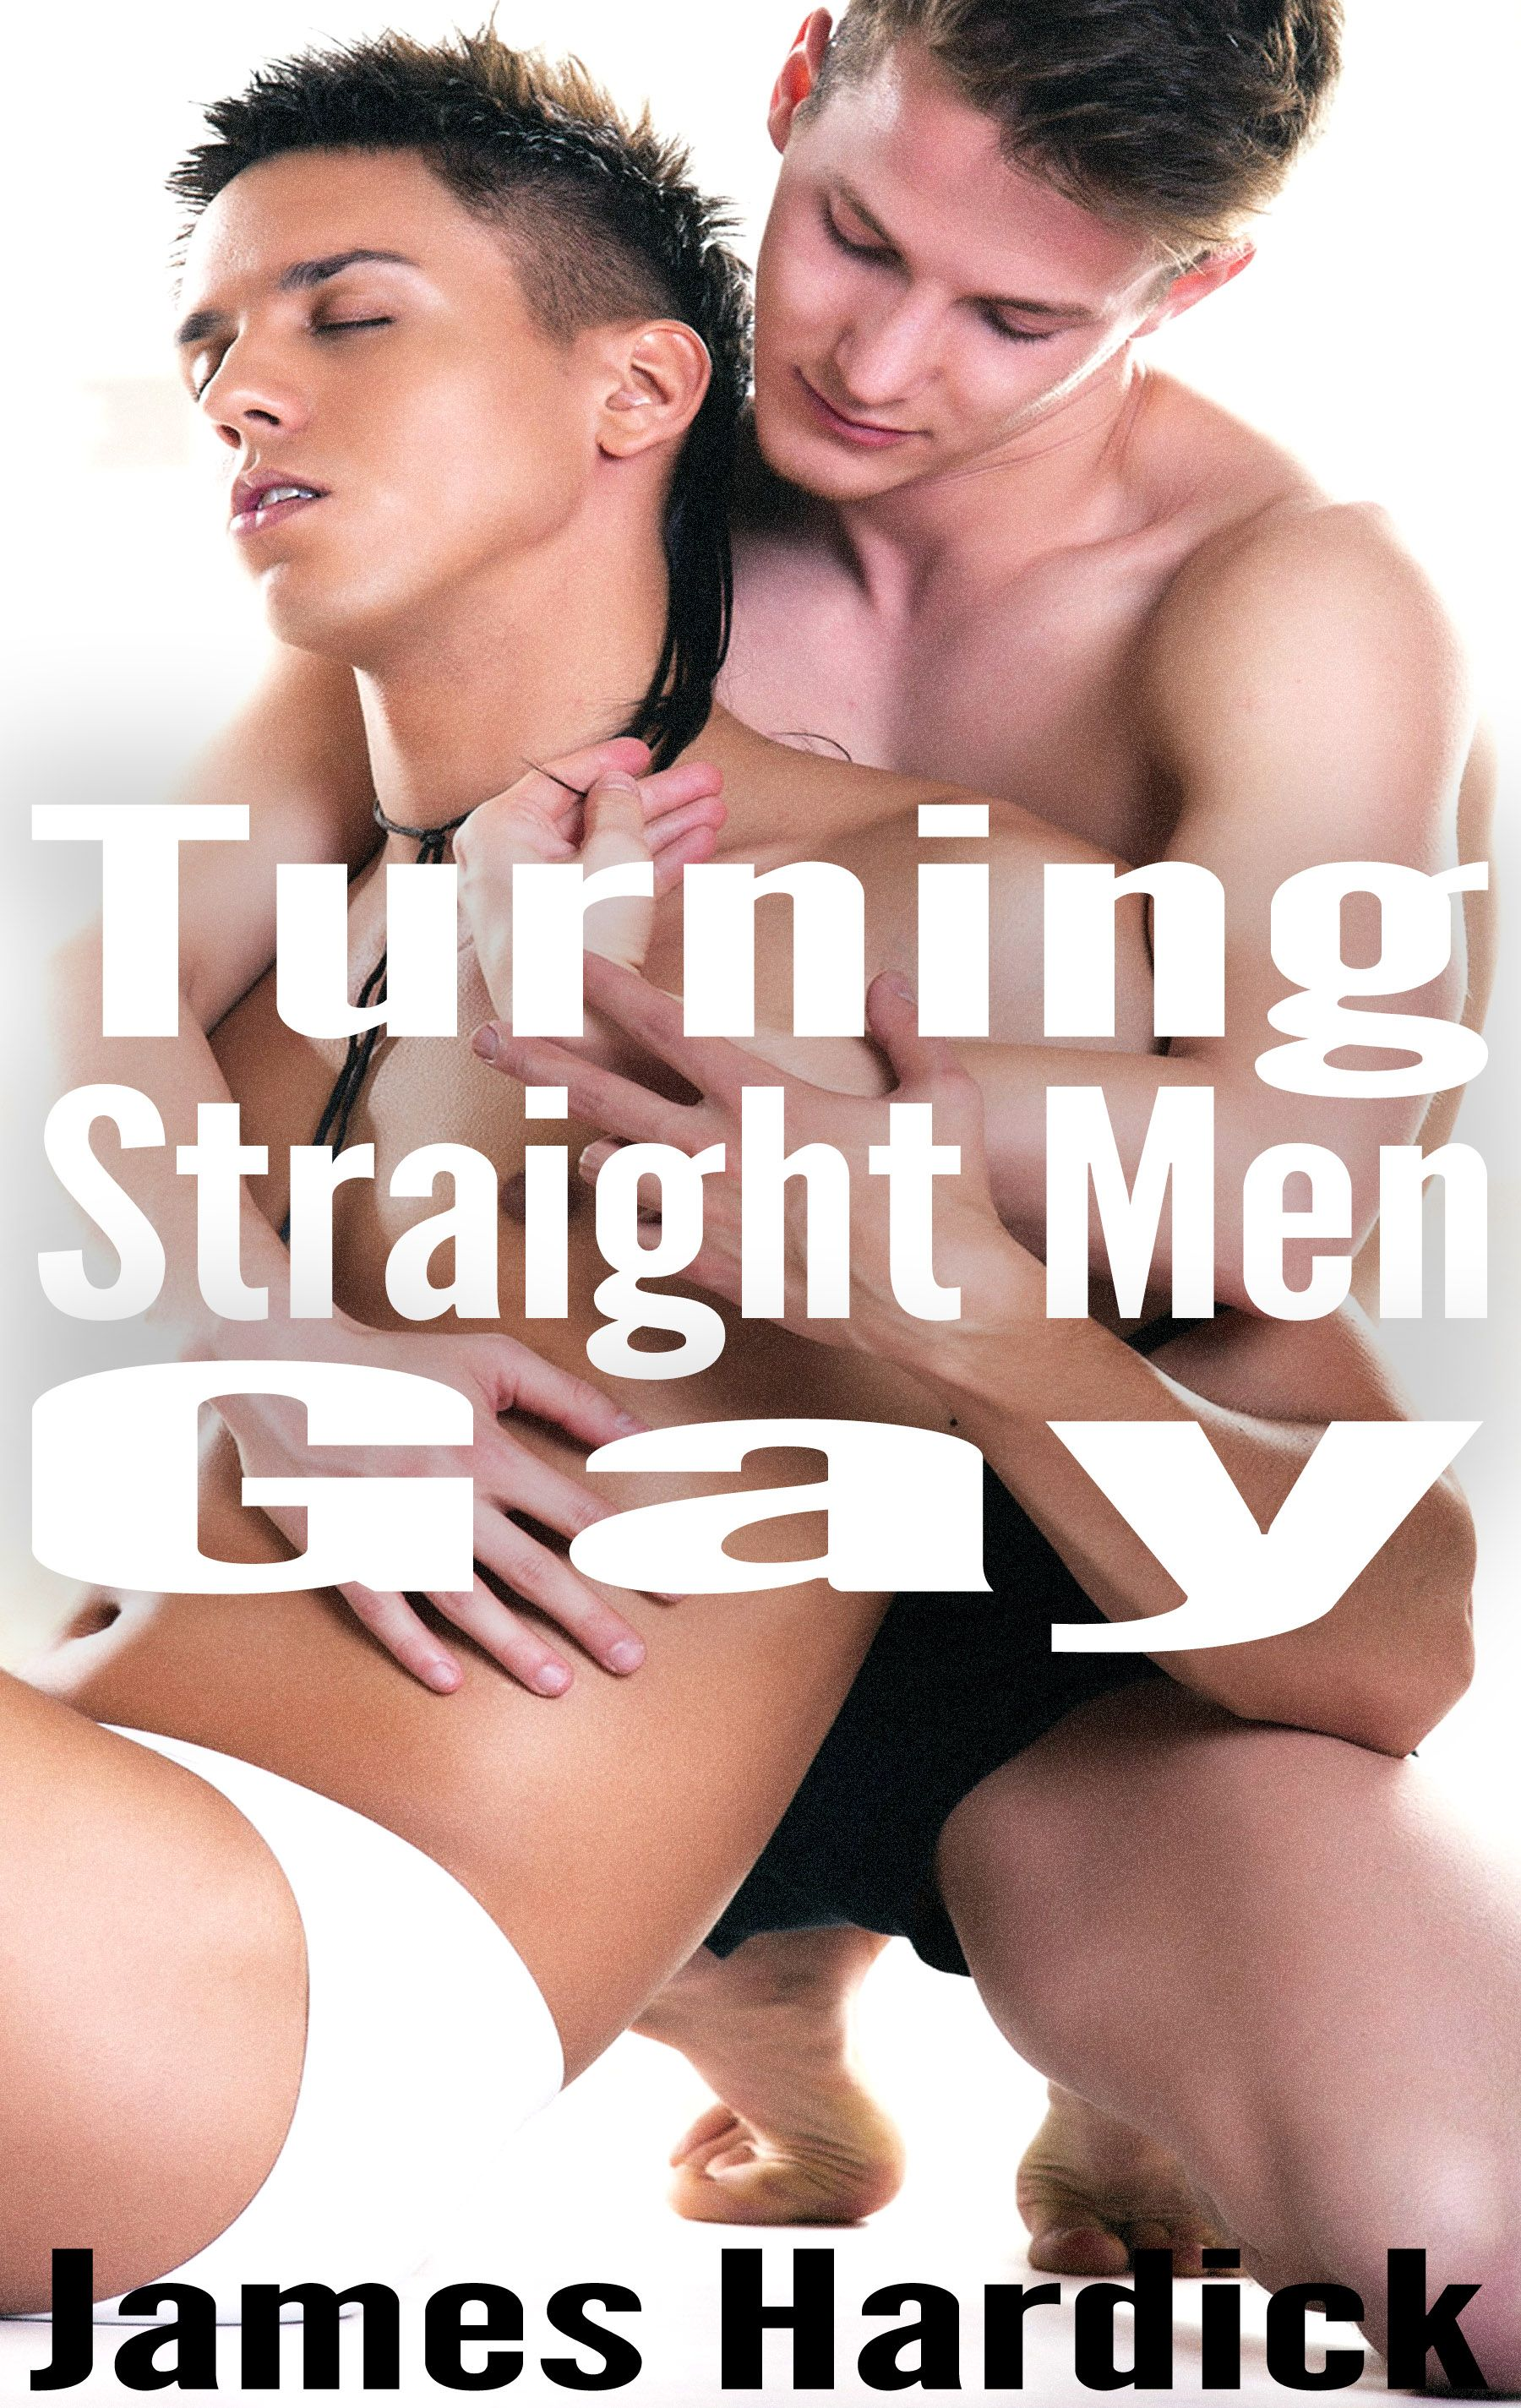 San diego gay escort services